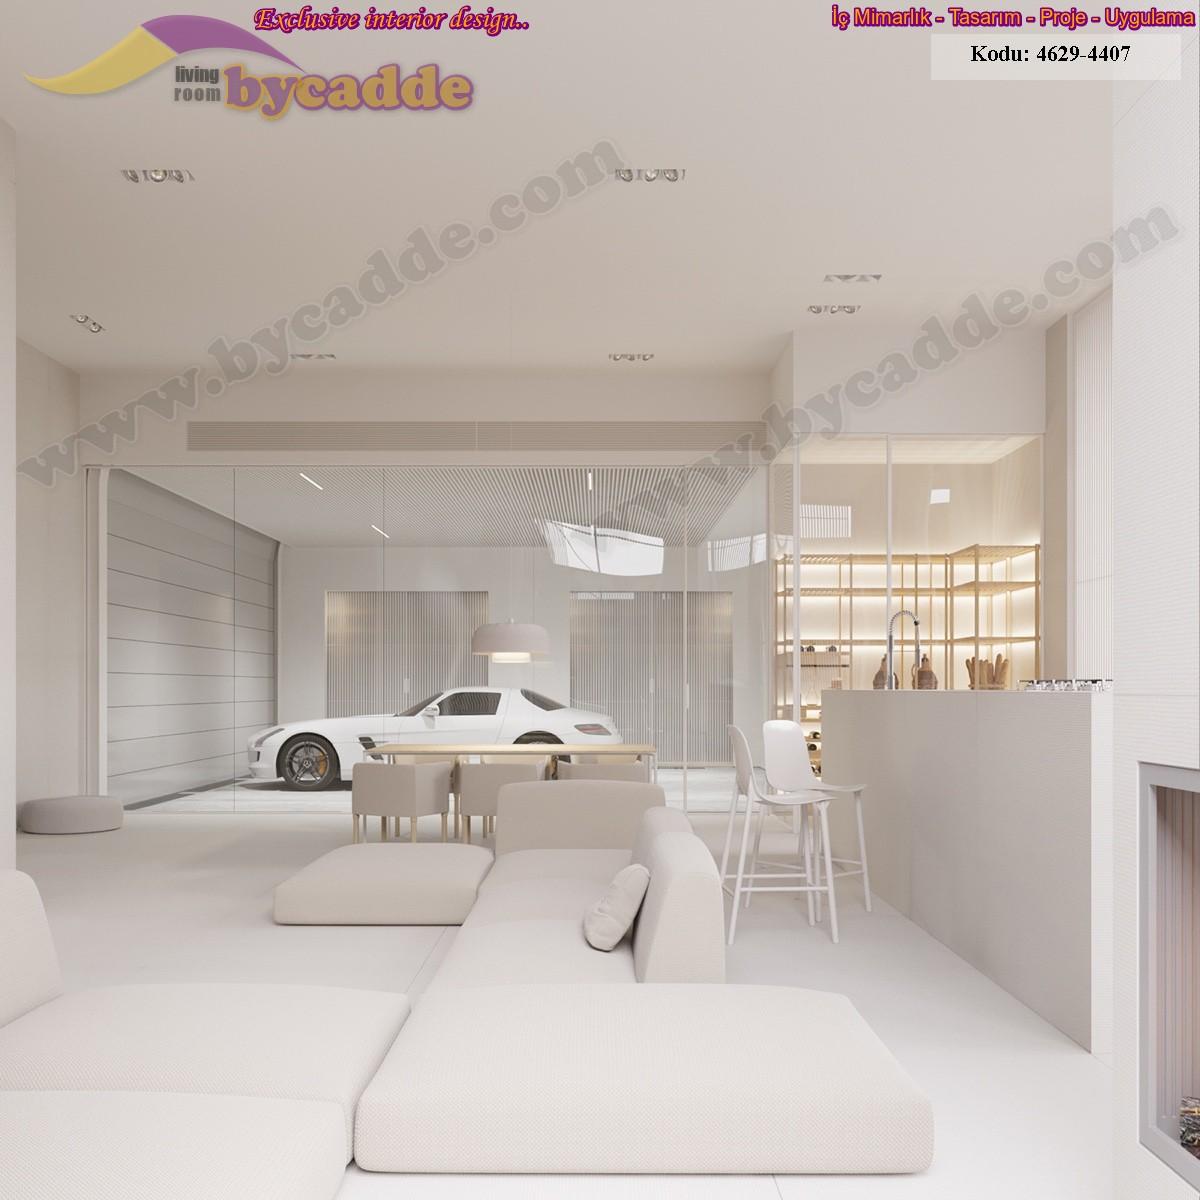 Oturma Odası Minder Koltuk Tasarımı